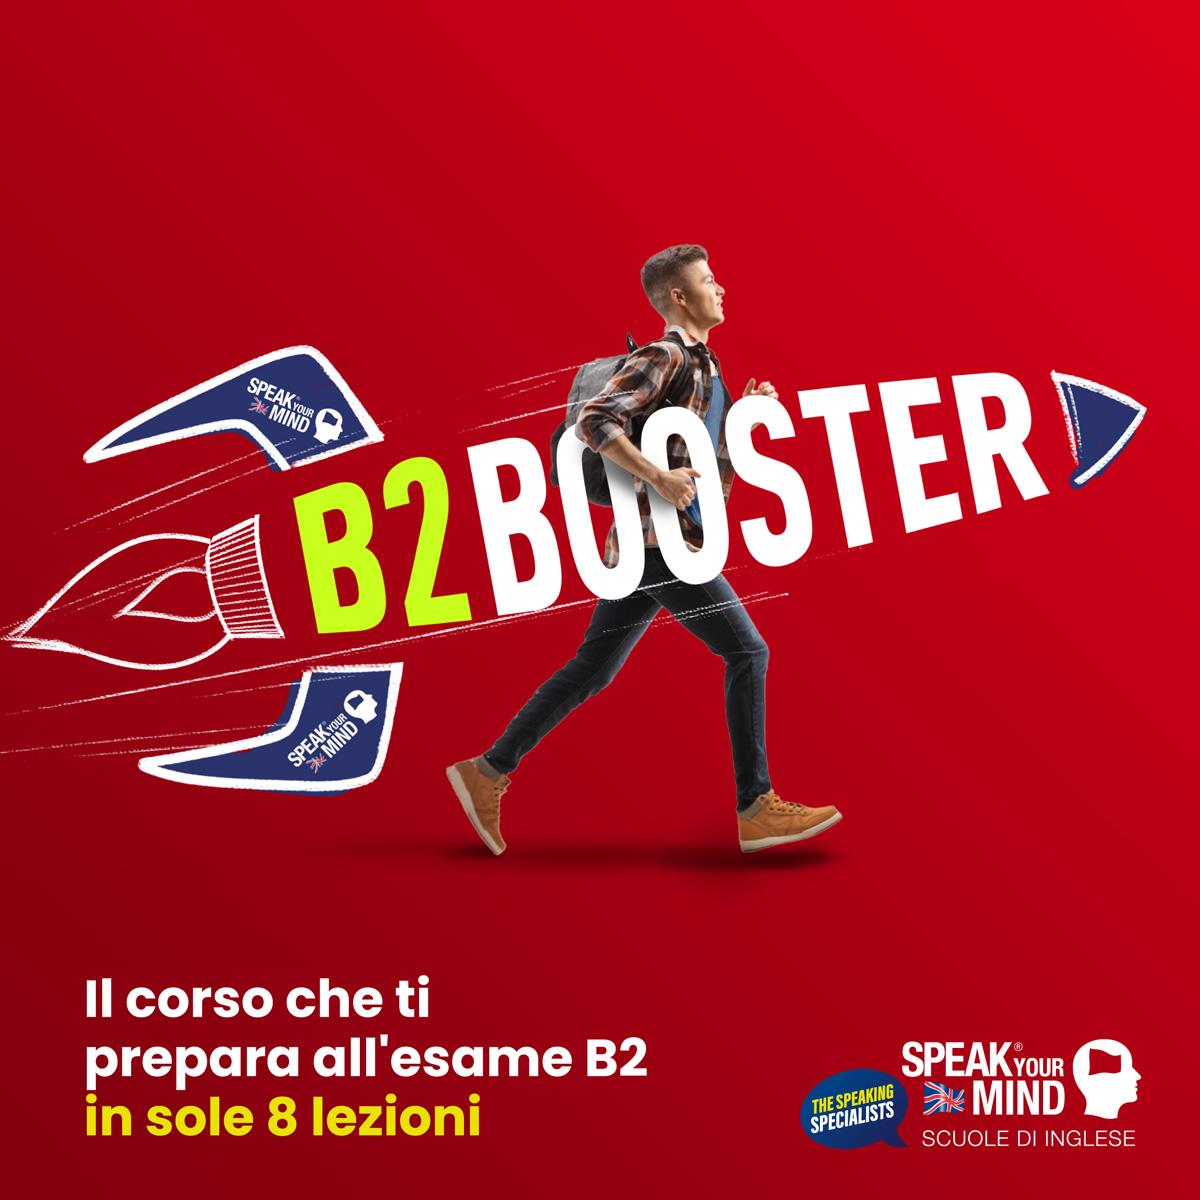 B2 Booster Speak Your Mind